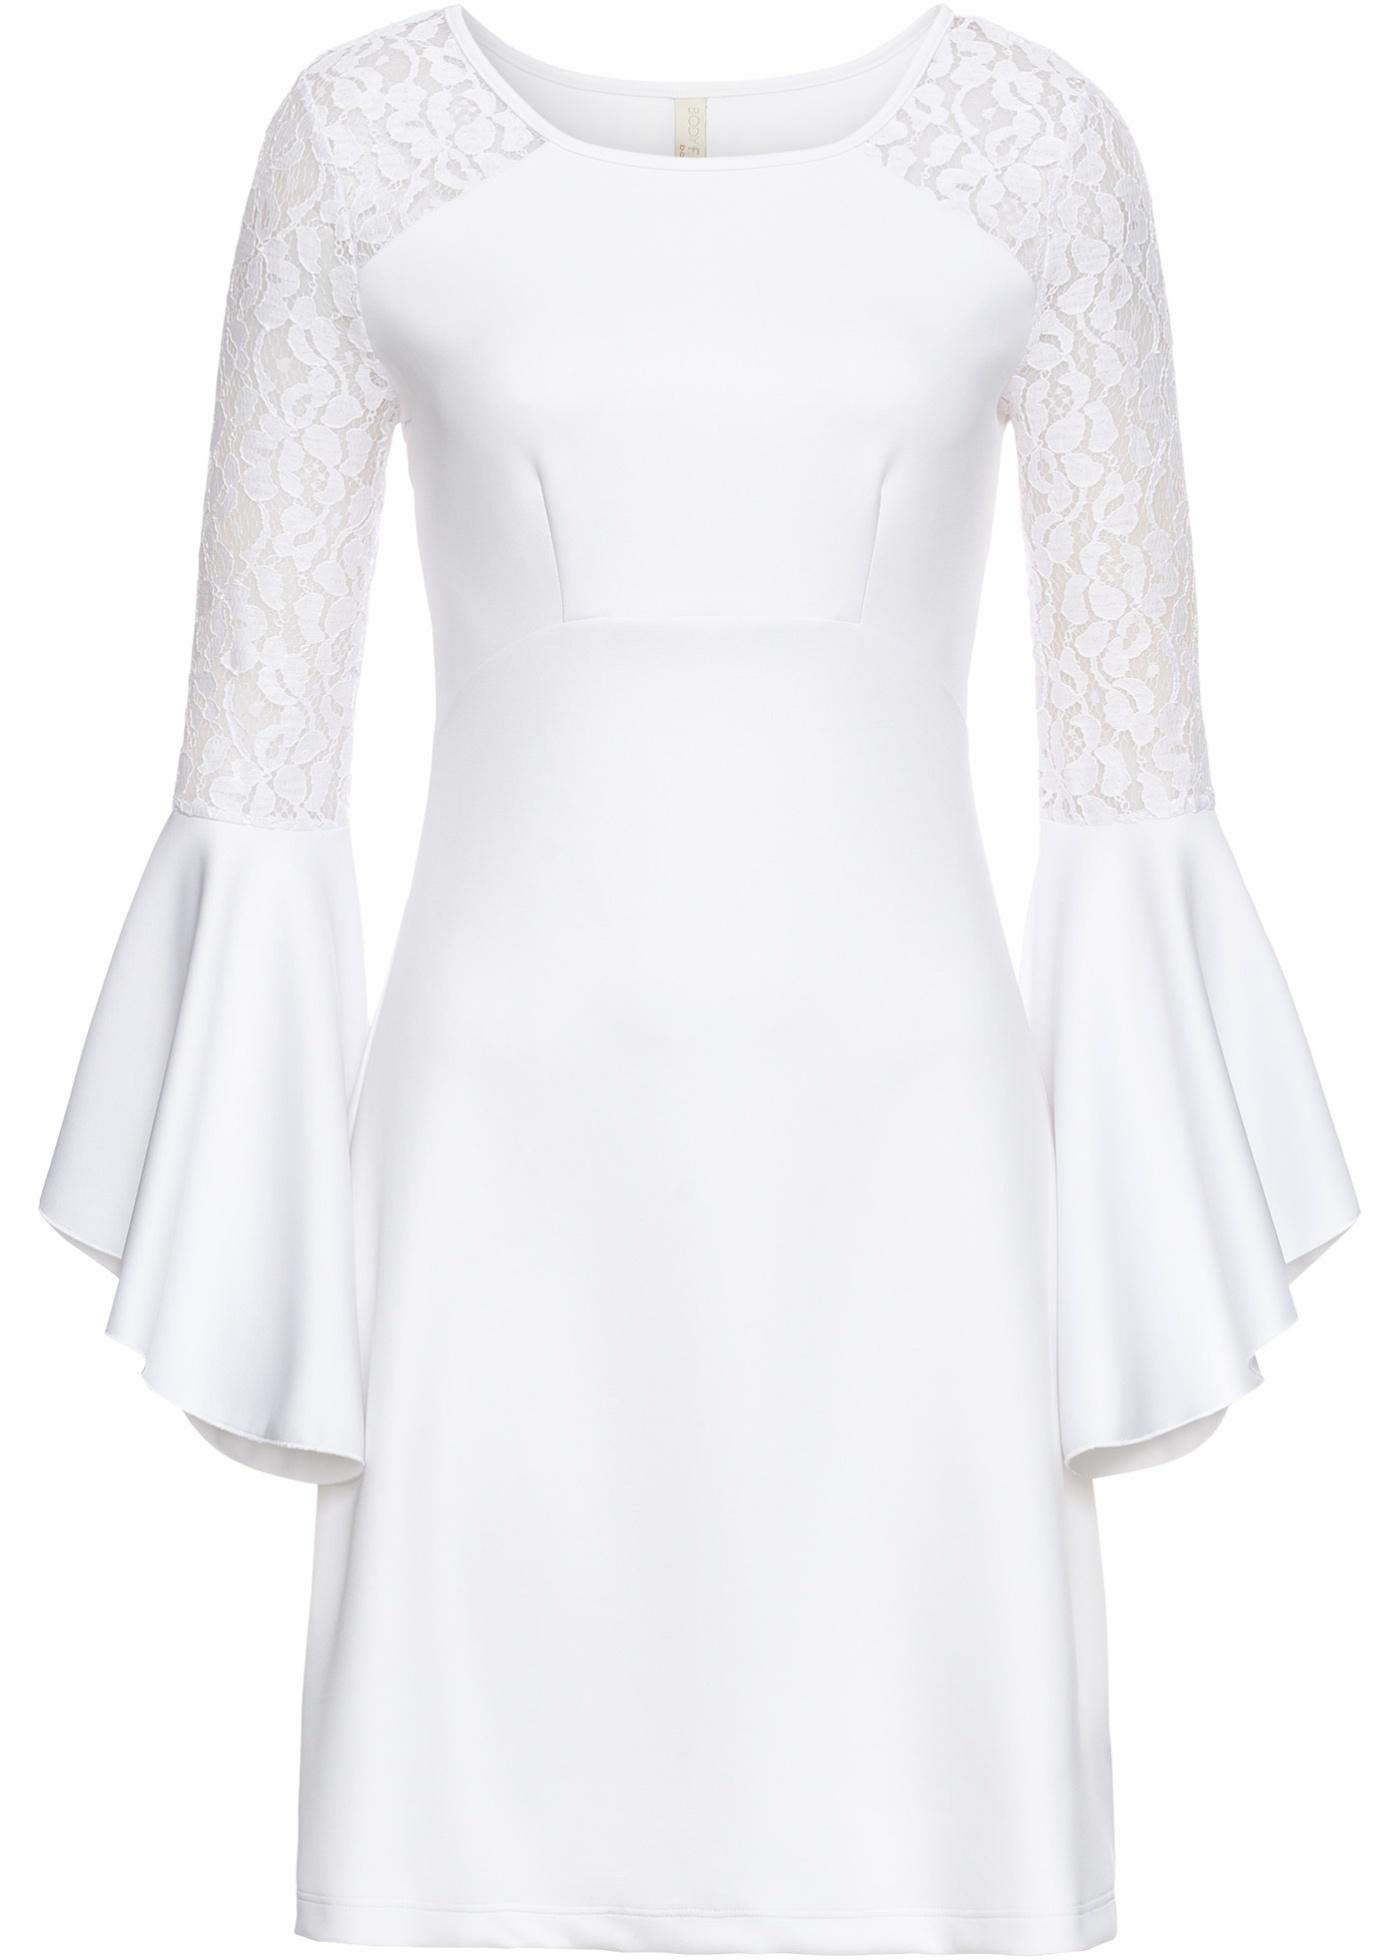 Damen bonprix Kleid mit Volant und Spitze blau, schwarz, weiß | 05712963760895